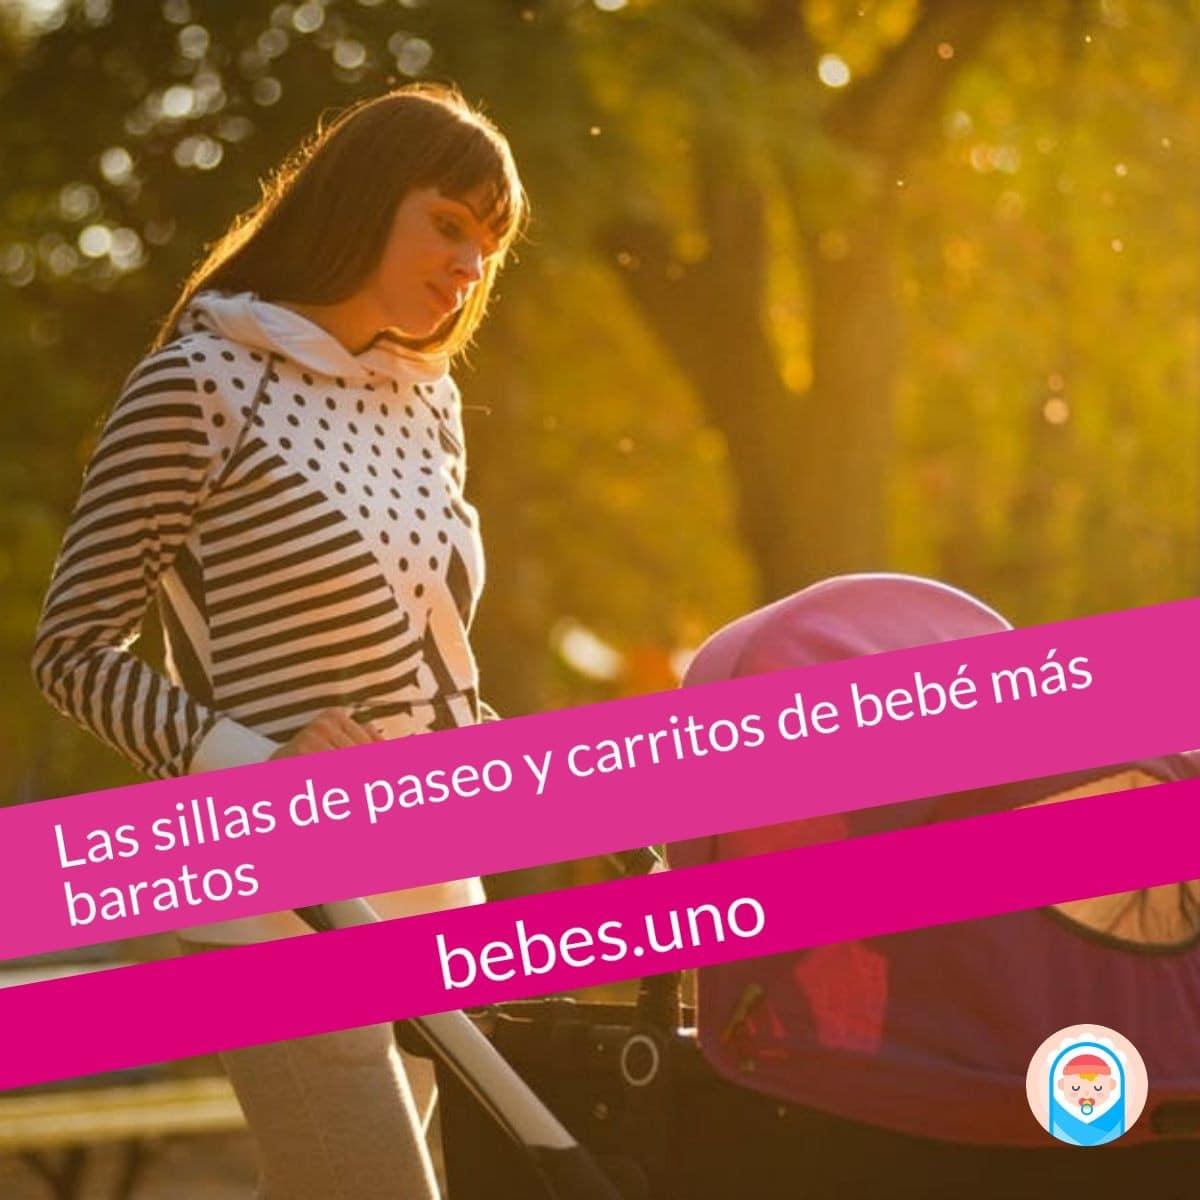 sillas de paseo y carritos de bebé más baratos